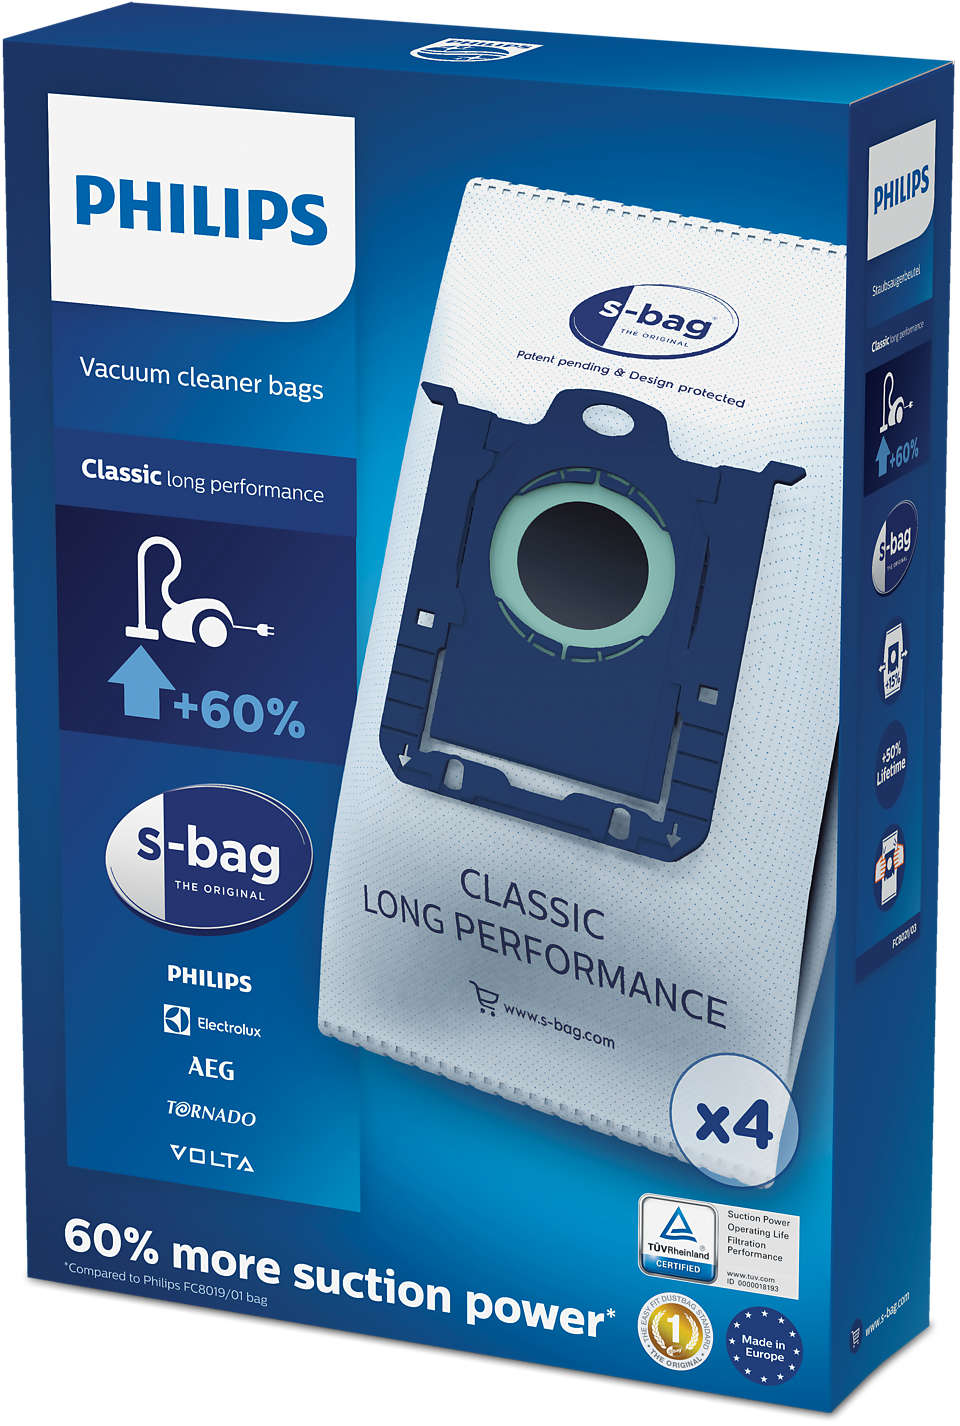 """""""s-bag® Classic"""", ilgas tarnavimo laikas"""